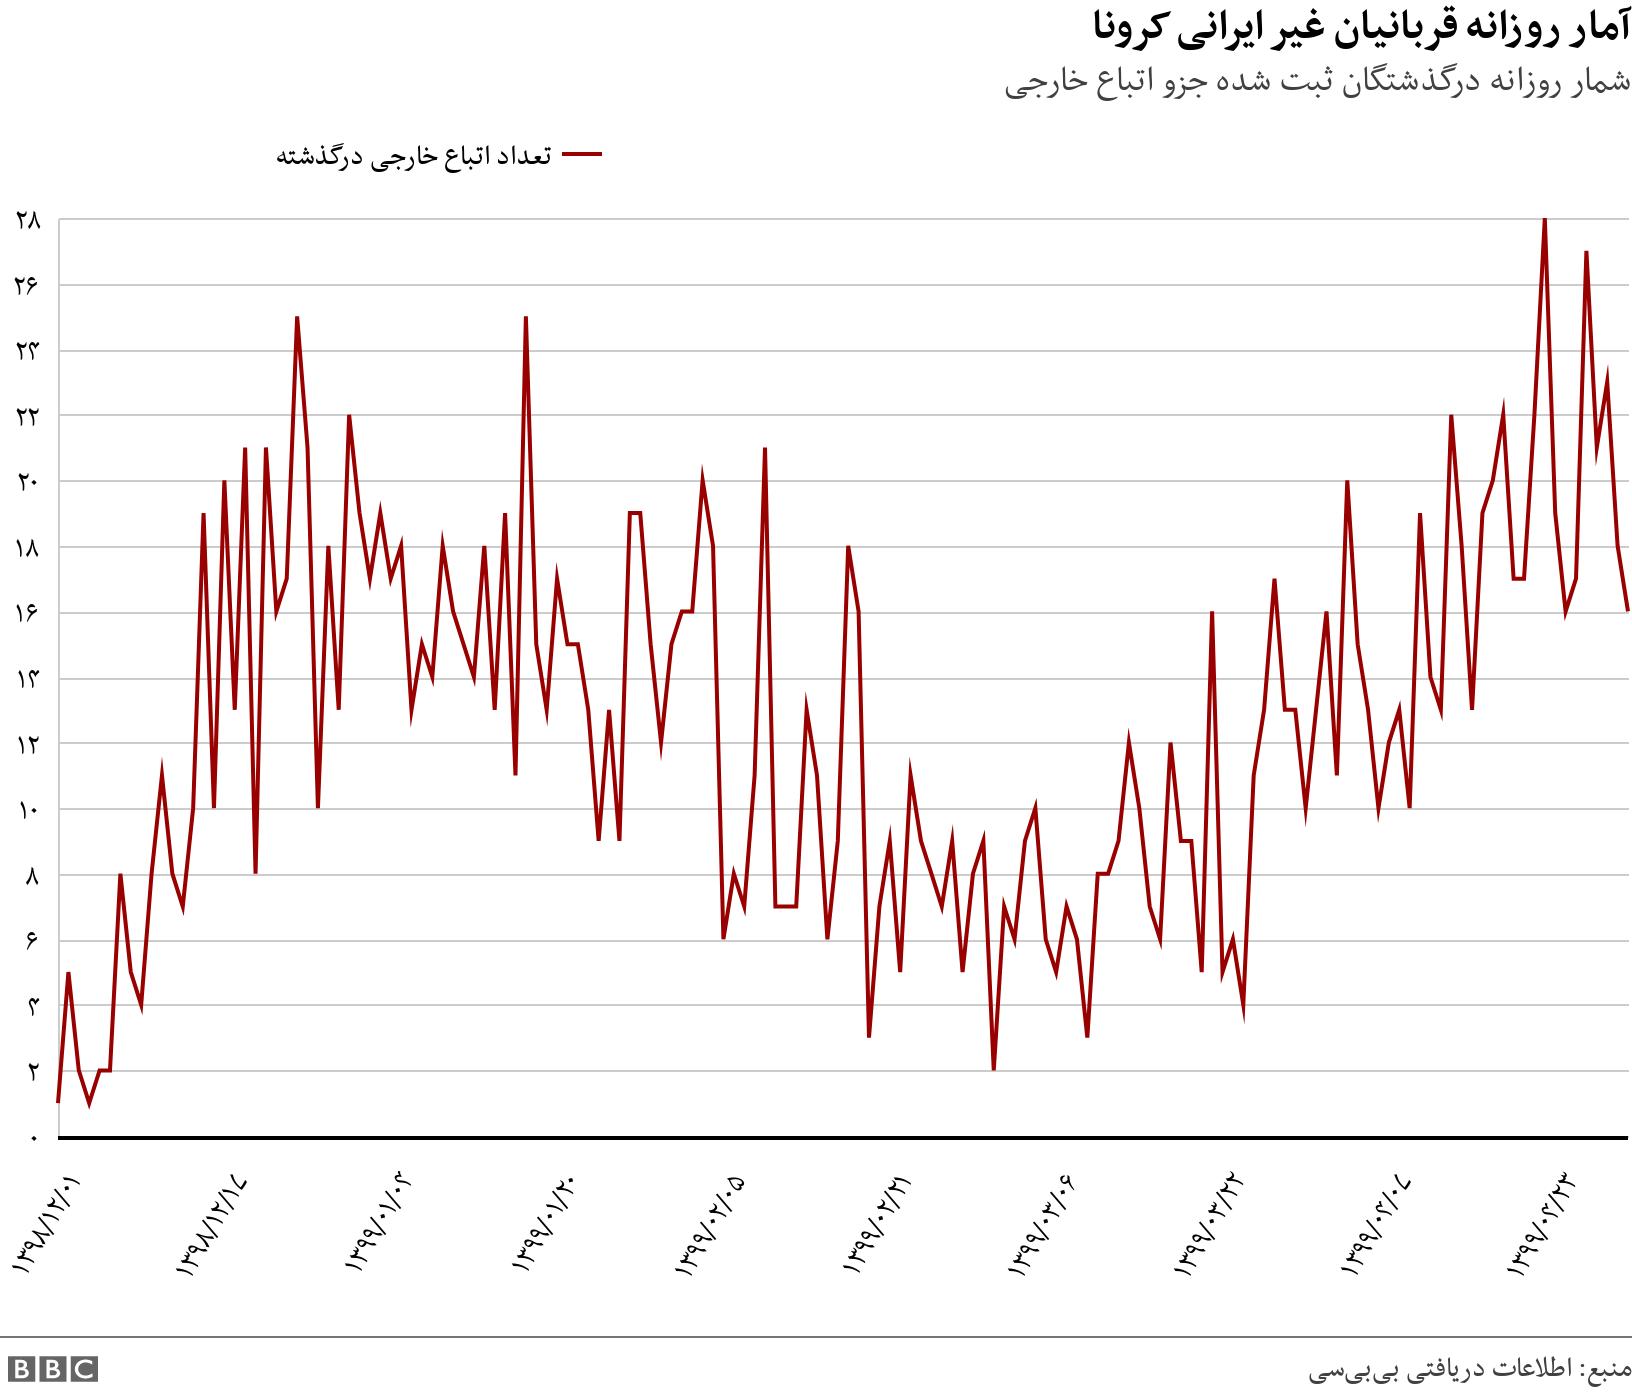 آمار روزانه قربانیان غیر ایرانی کرونا. شمار روزانه درگذشتگان ثبت شده جزو اتباع خارجی. .